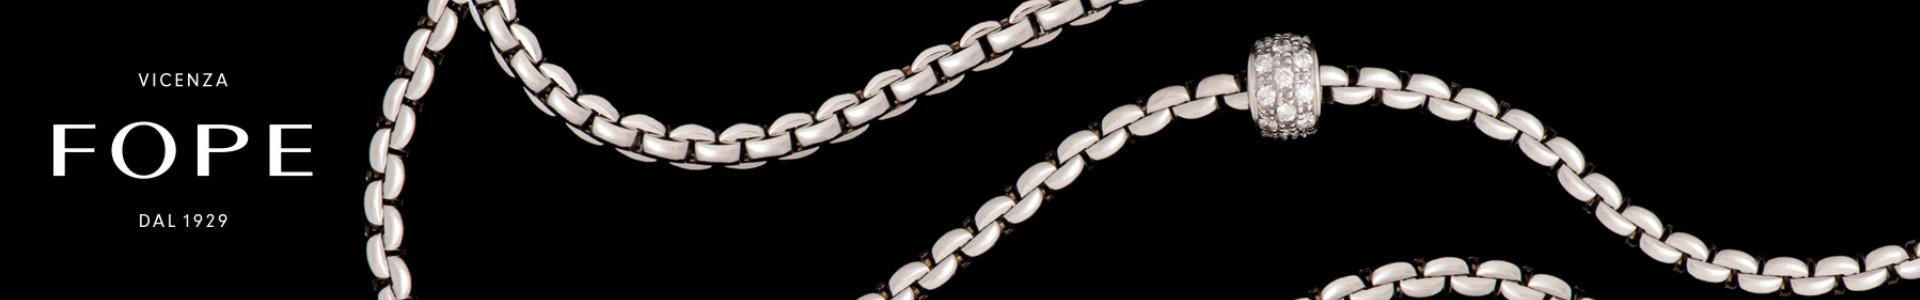 banner fope gioielli acquista online